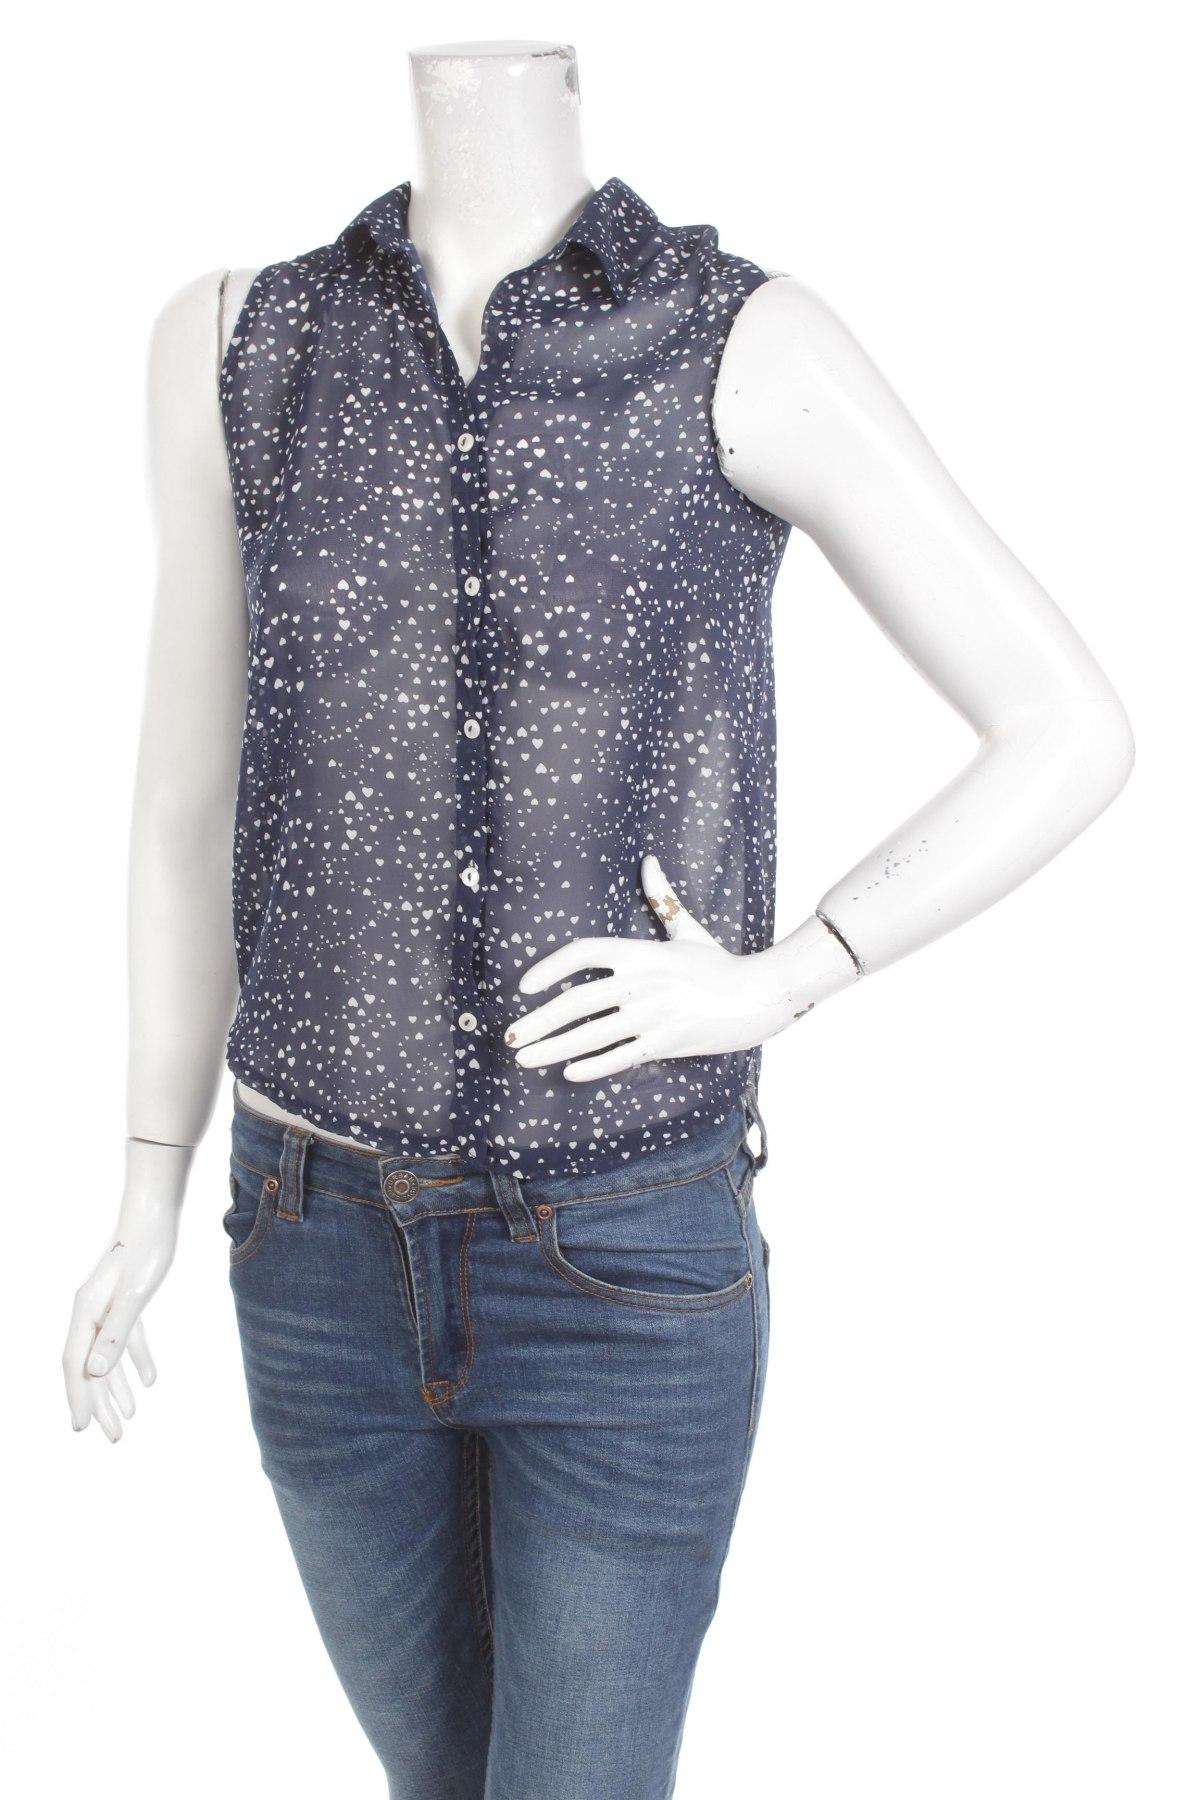 Γυναικείο πουκάμισο Mms Basic, Μέγεθος M, Χρώμα Μπλέ, Τιμή 13,92€